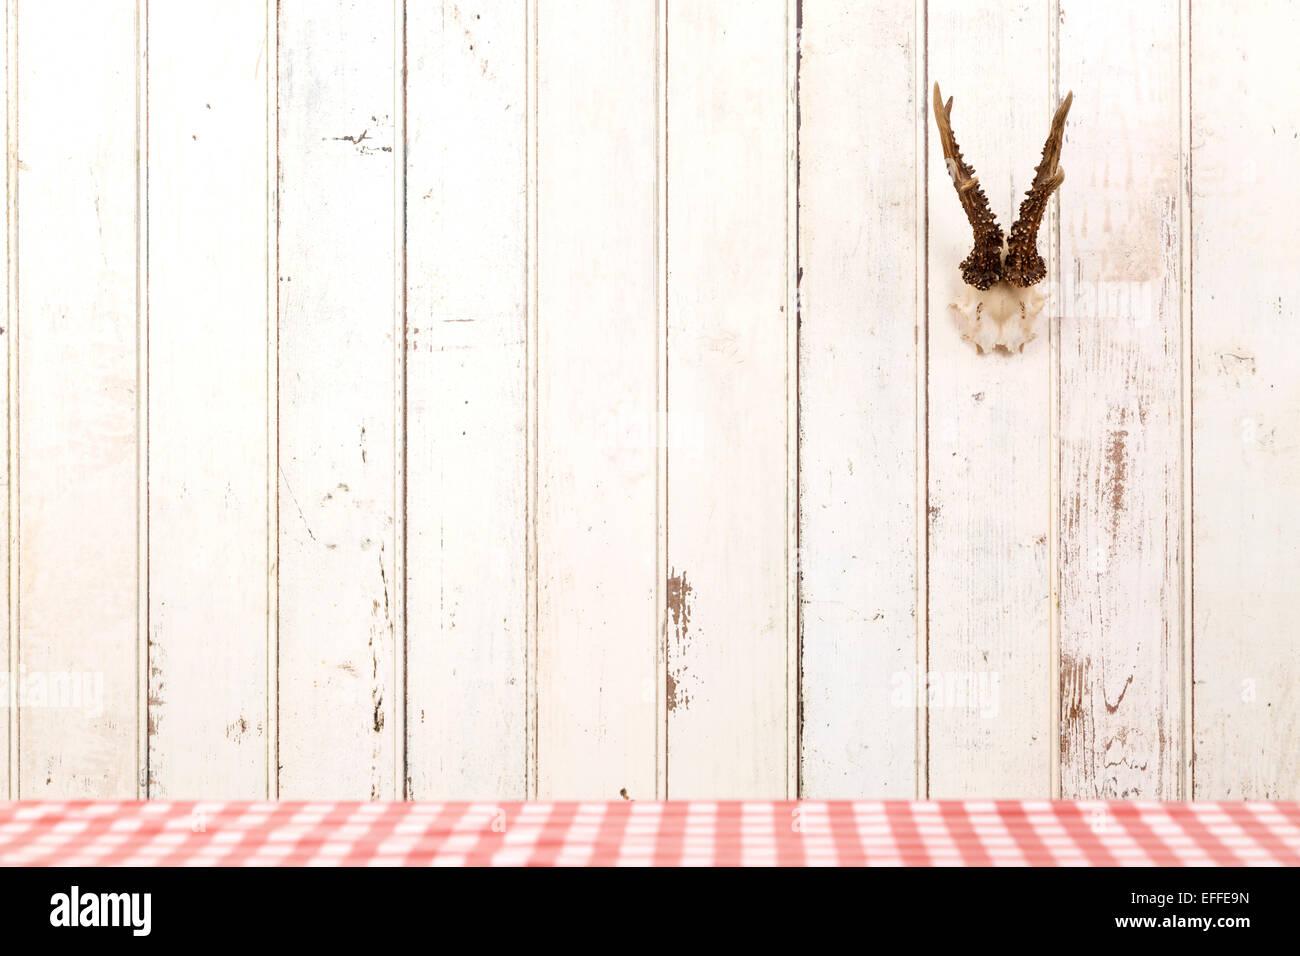 Hirschgeweih Hangen Weisse Holzwand Stockfoto Bild 78401841 Alamy